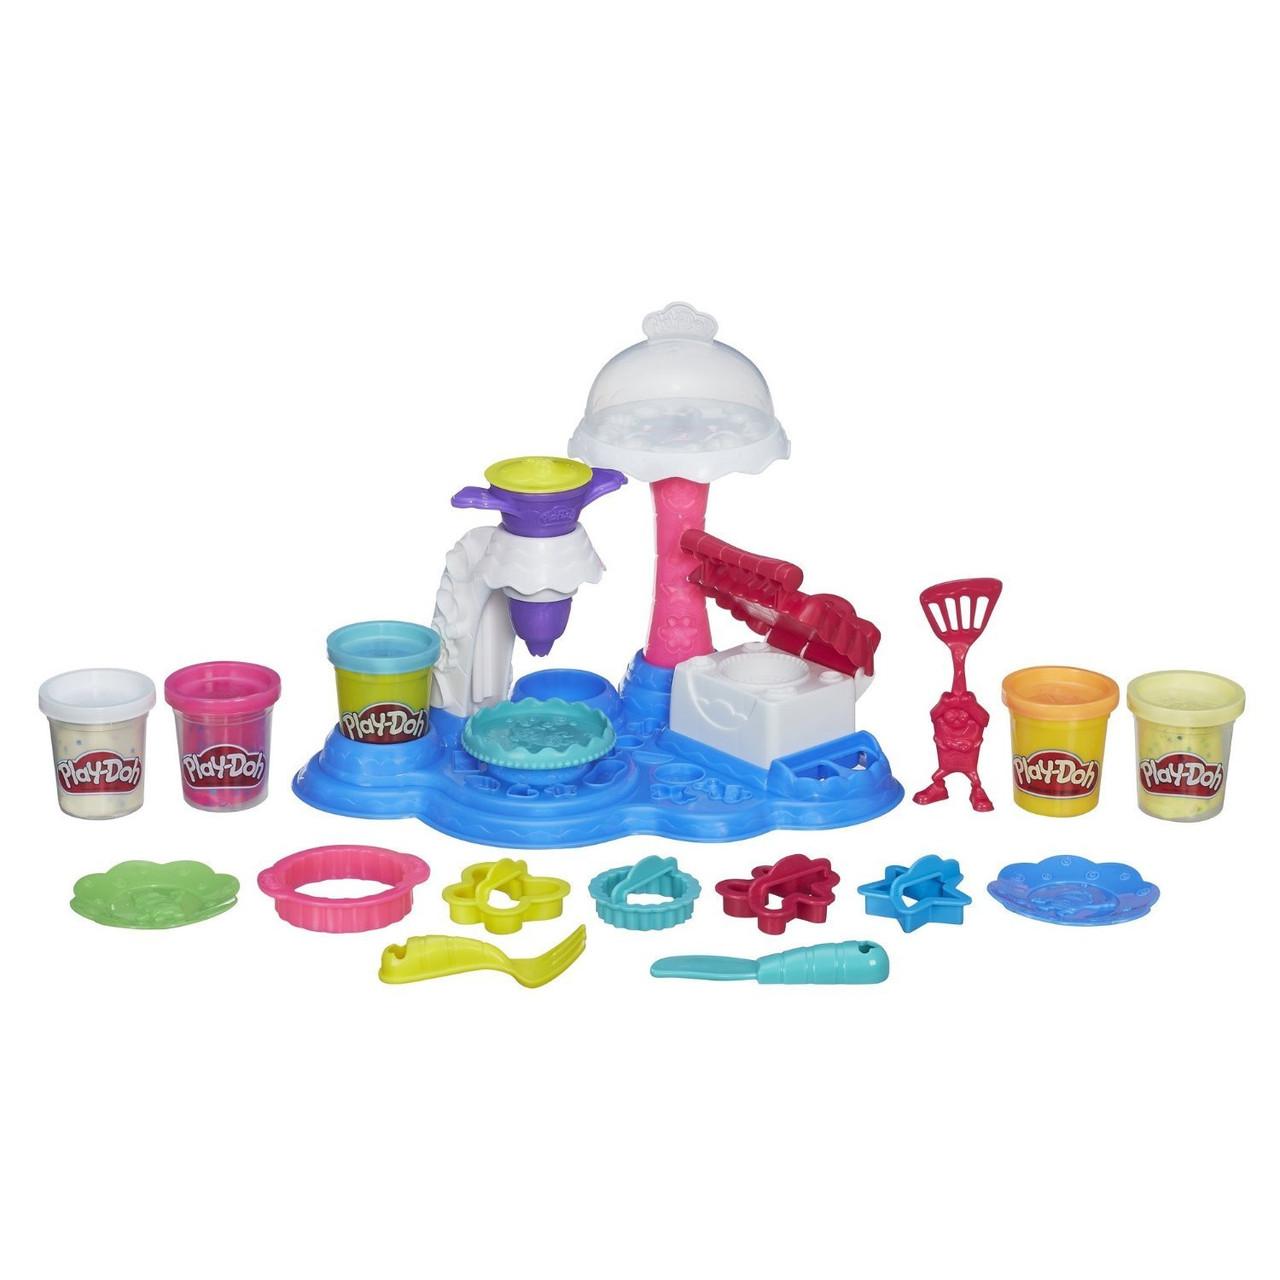 Набор Плэй до Сладкая Вечеринка   B3399 (Play-Doh Cake Party)